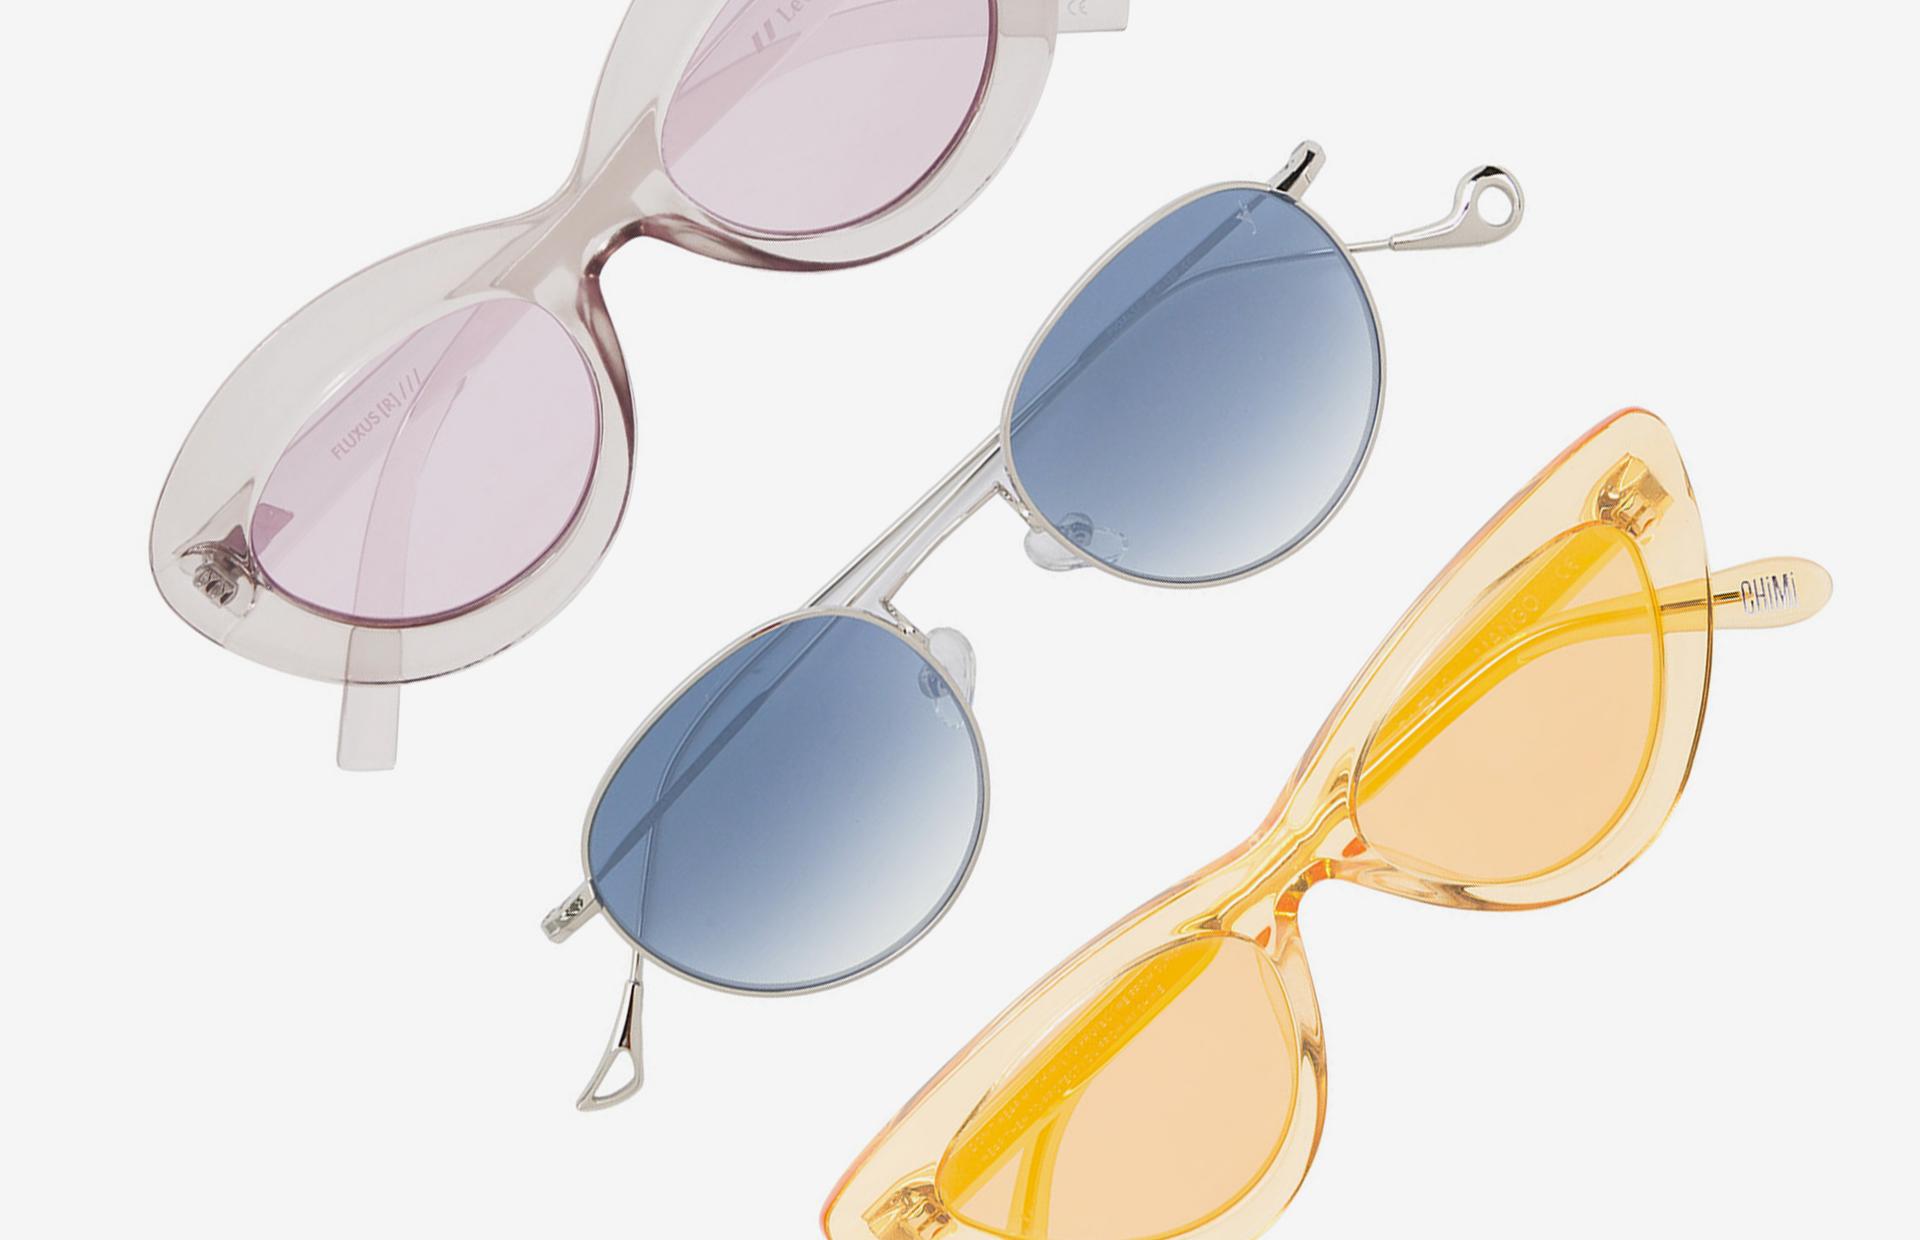 Как выбирать солнцезащитные очки  здоровье, стиль и мода    Мода    РБК Pink a45730680a4